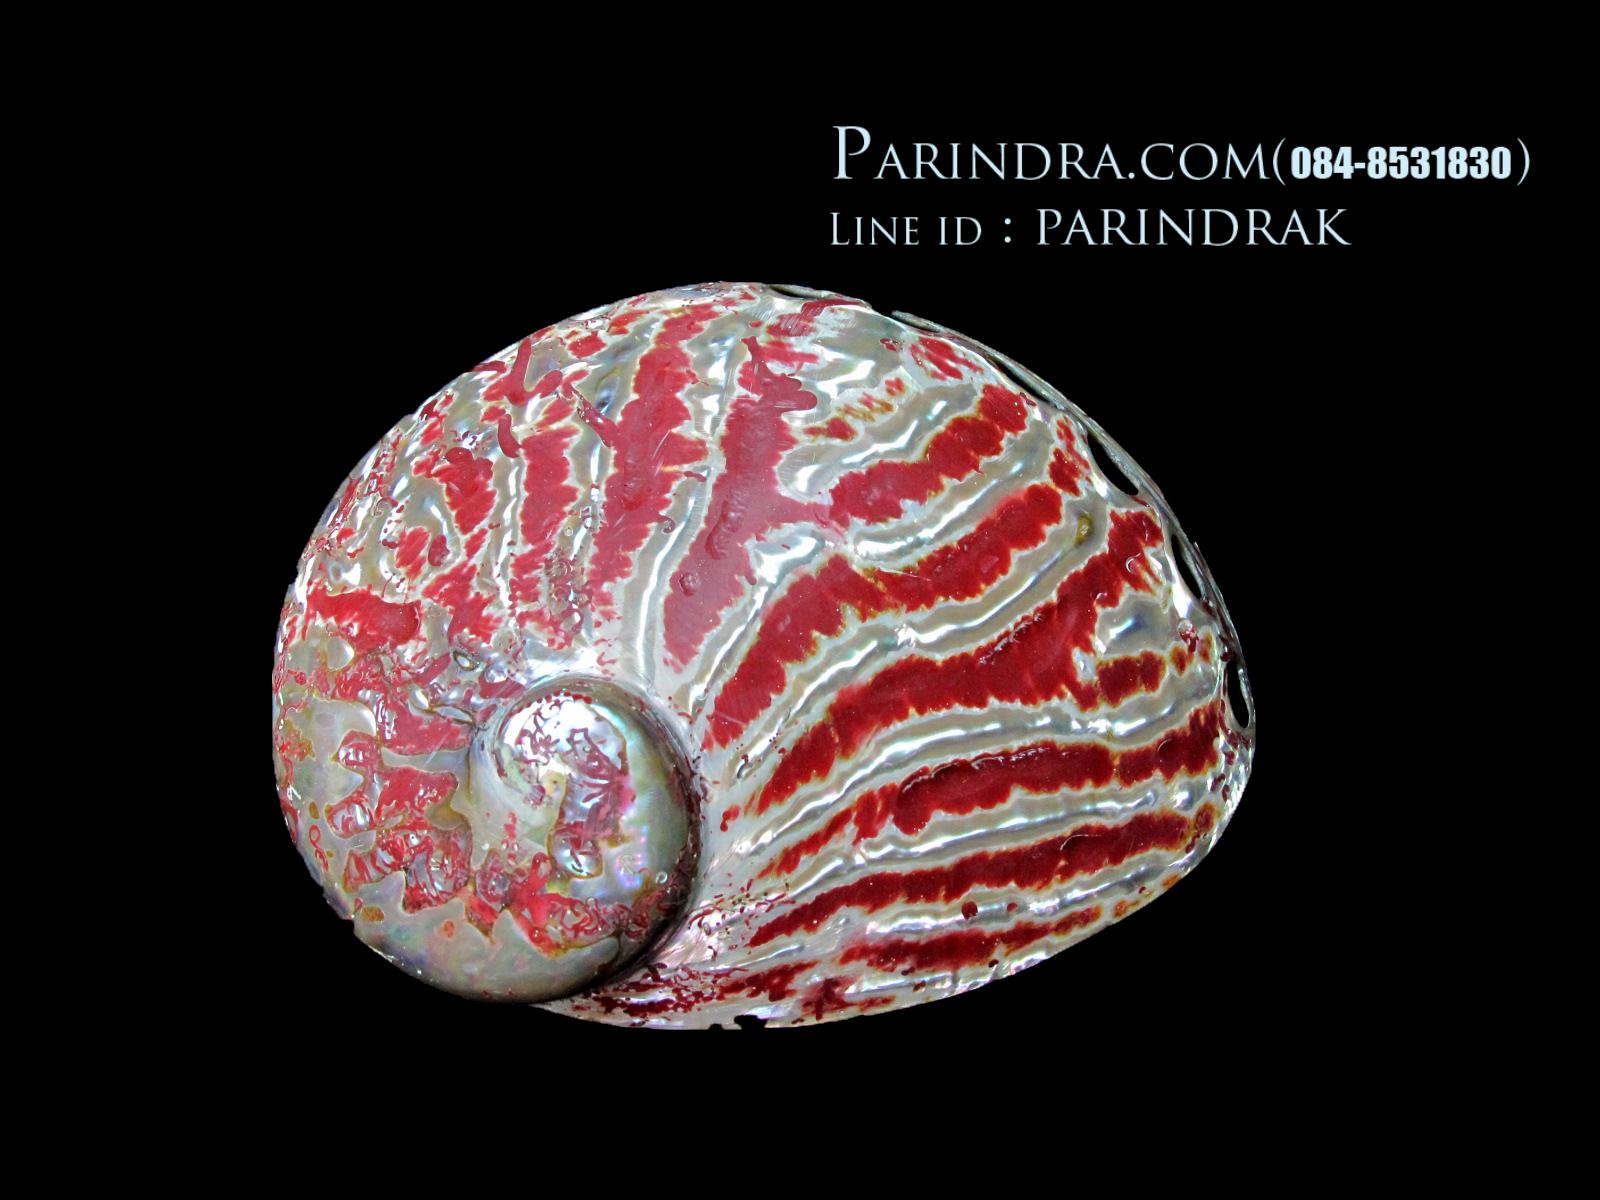 เปลือกหอยเป๋าฮื้อ(Abalone)ขัดและเคลือบเรซิ่นแดง 004